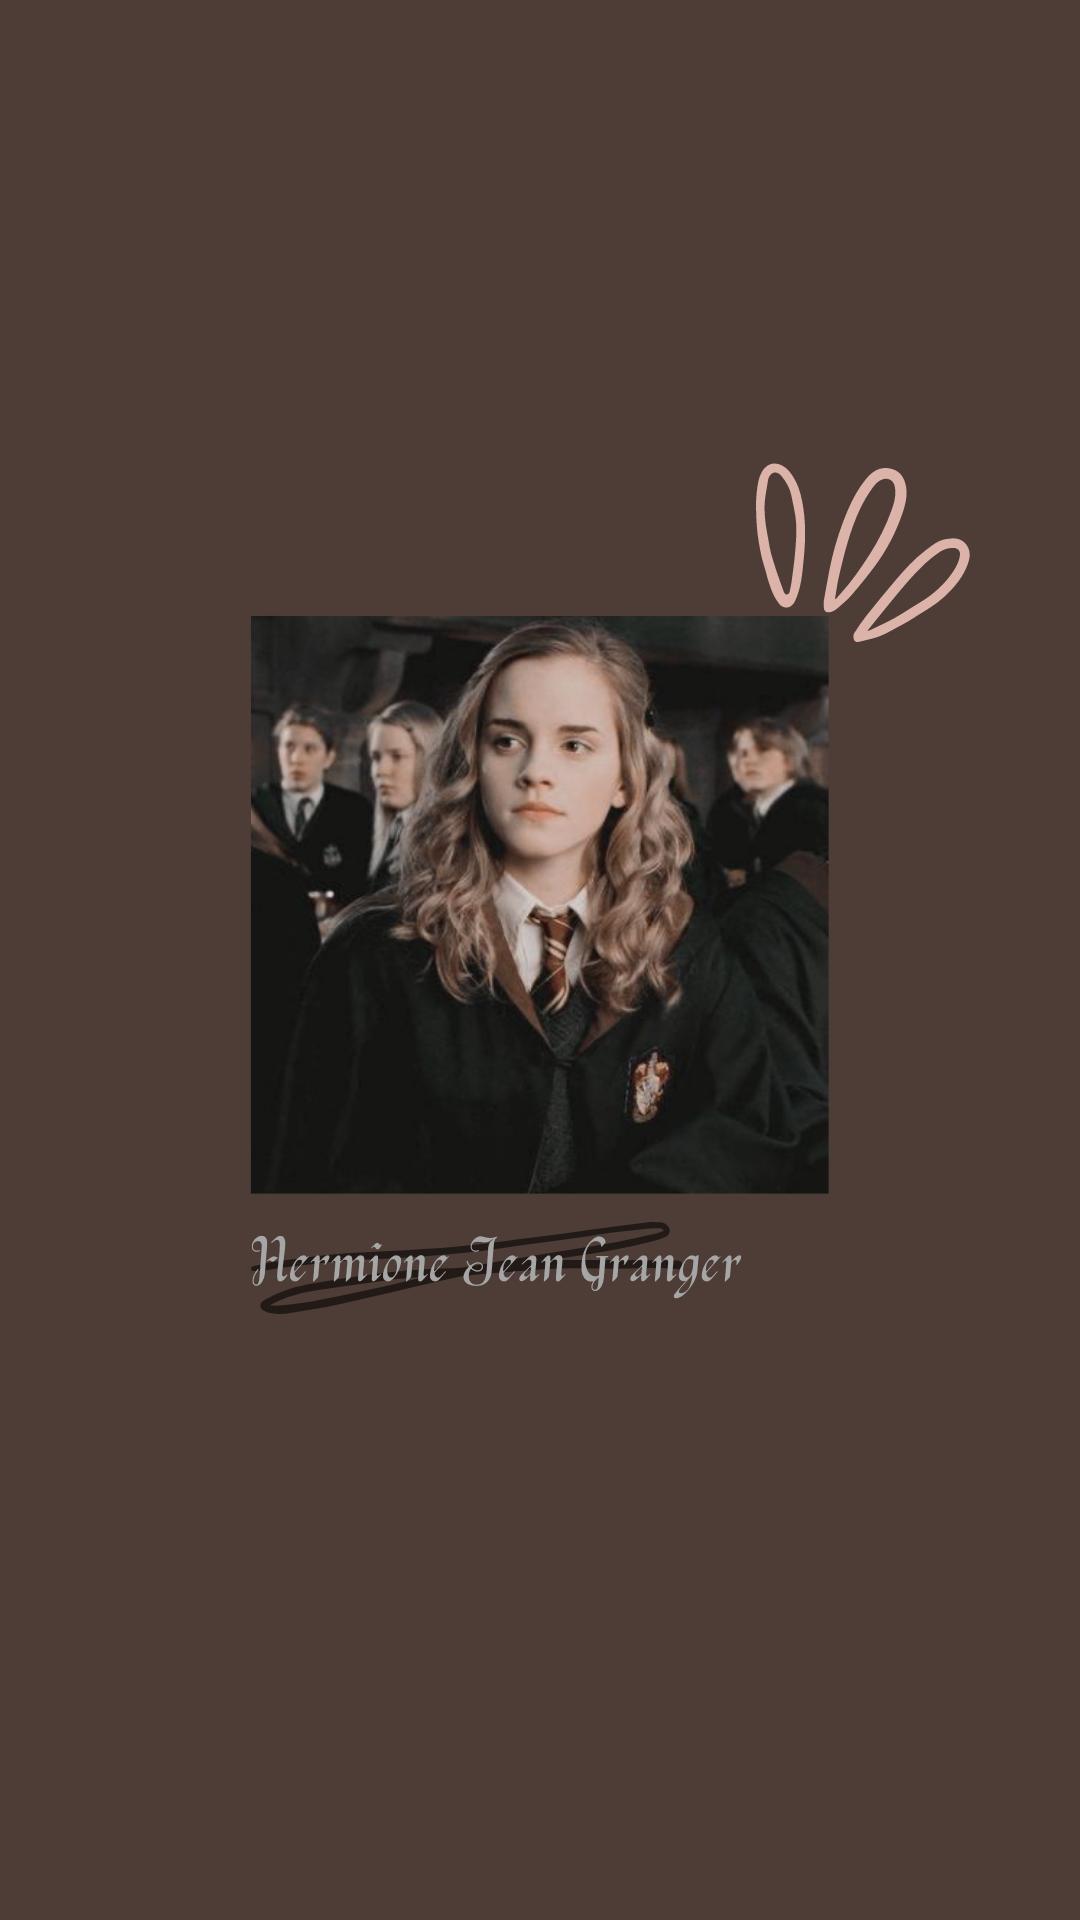 'Hermione Jean Granger' from Harry Potter Aesthetic wallpaper/lockscreen